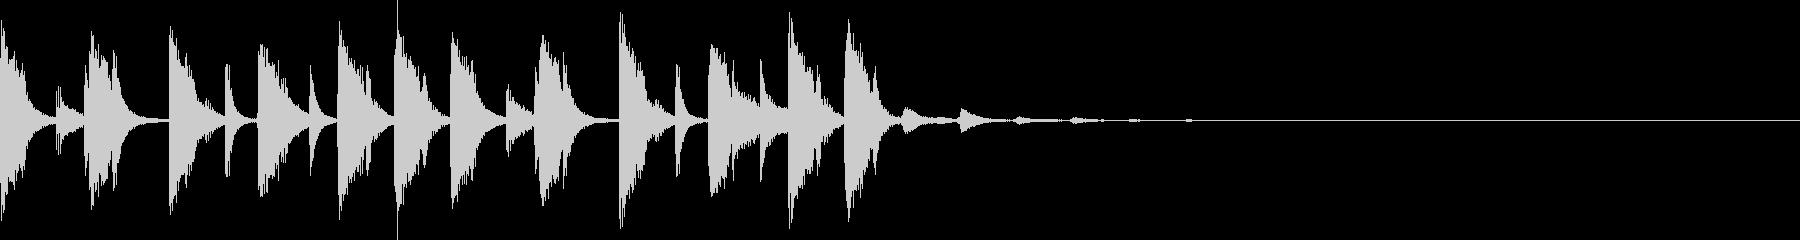 キャッチーなトラップジングル6の未再生の波形